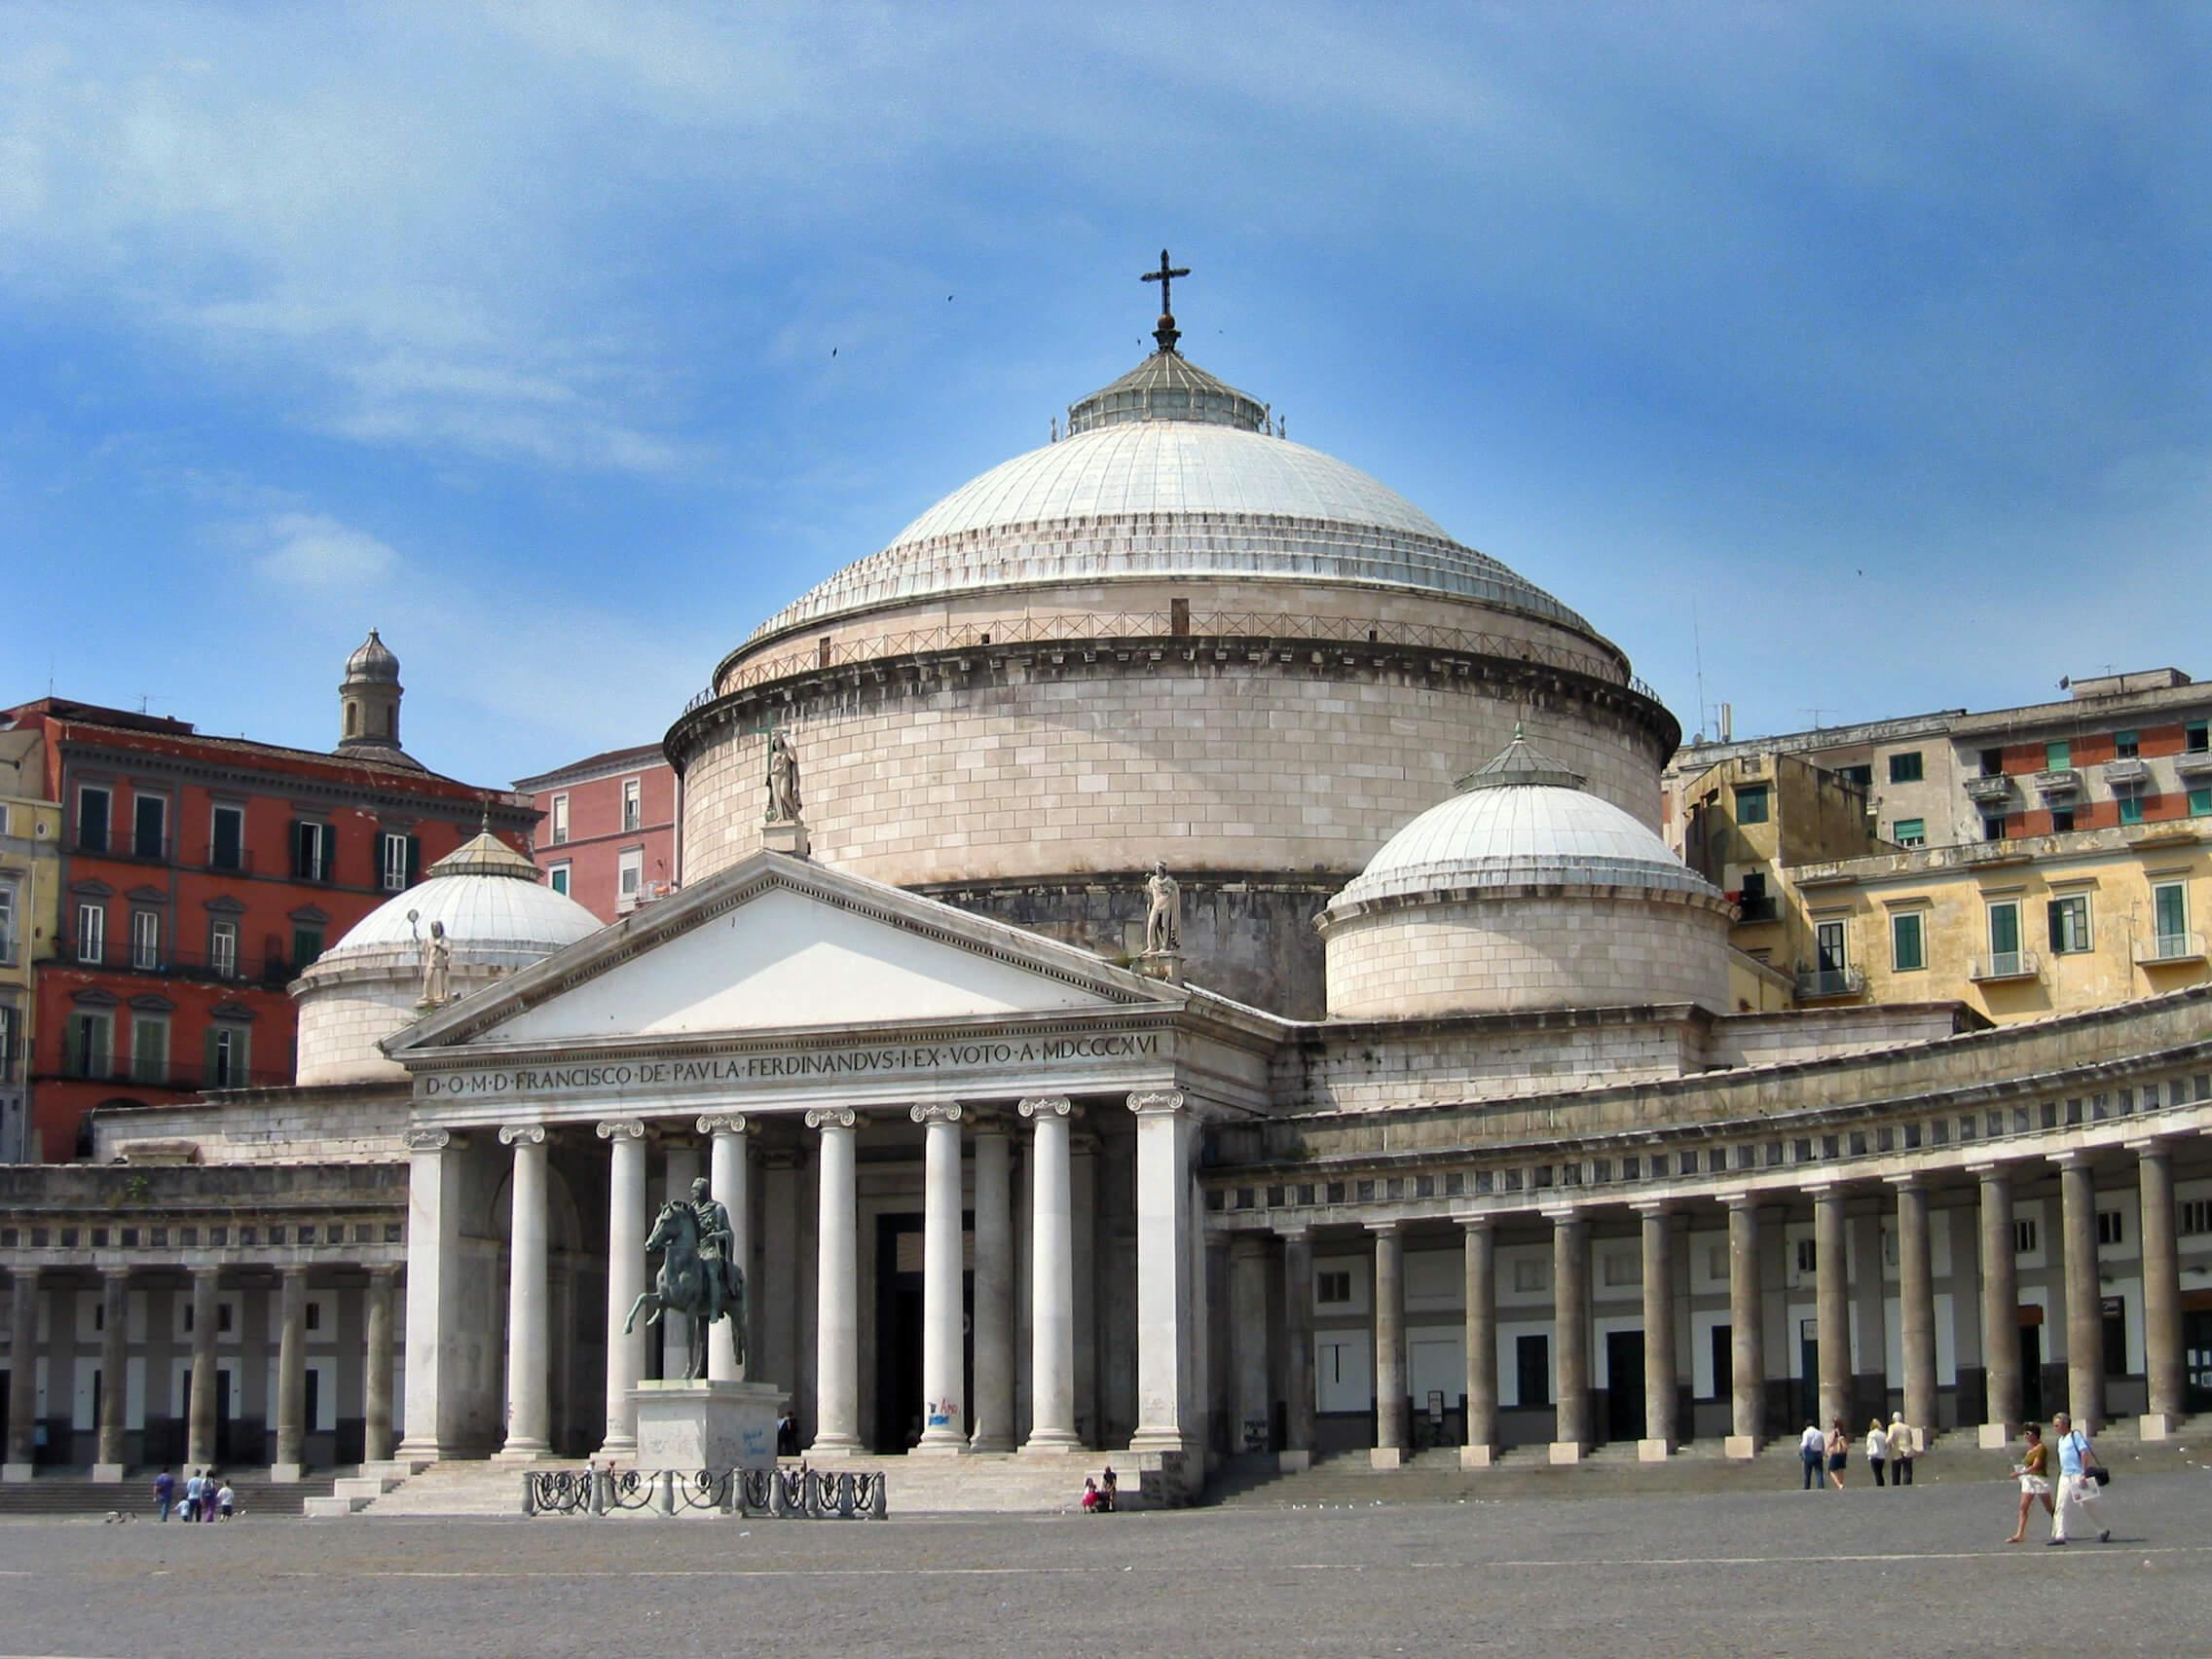 Basilica Plebiscito